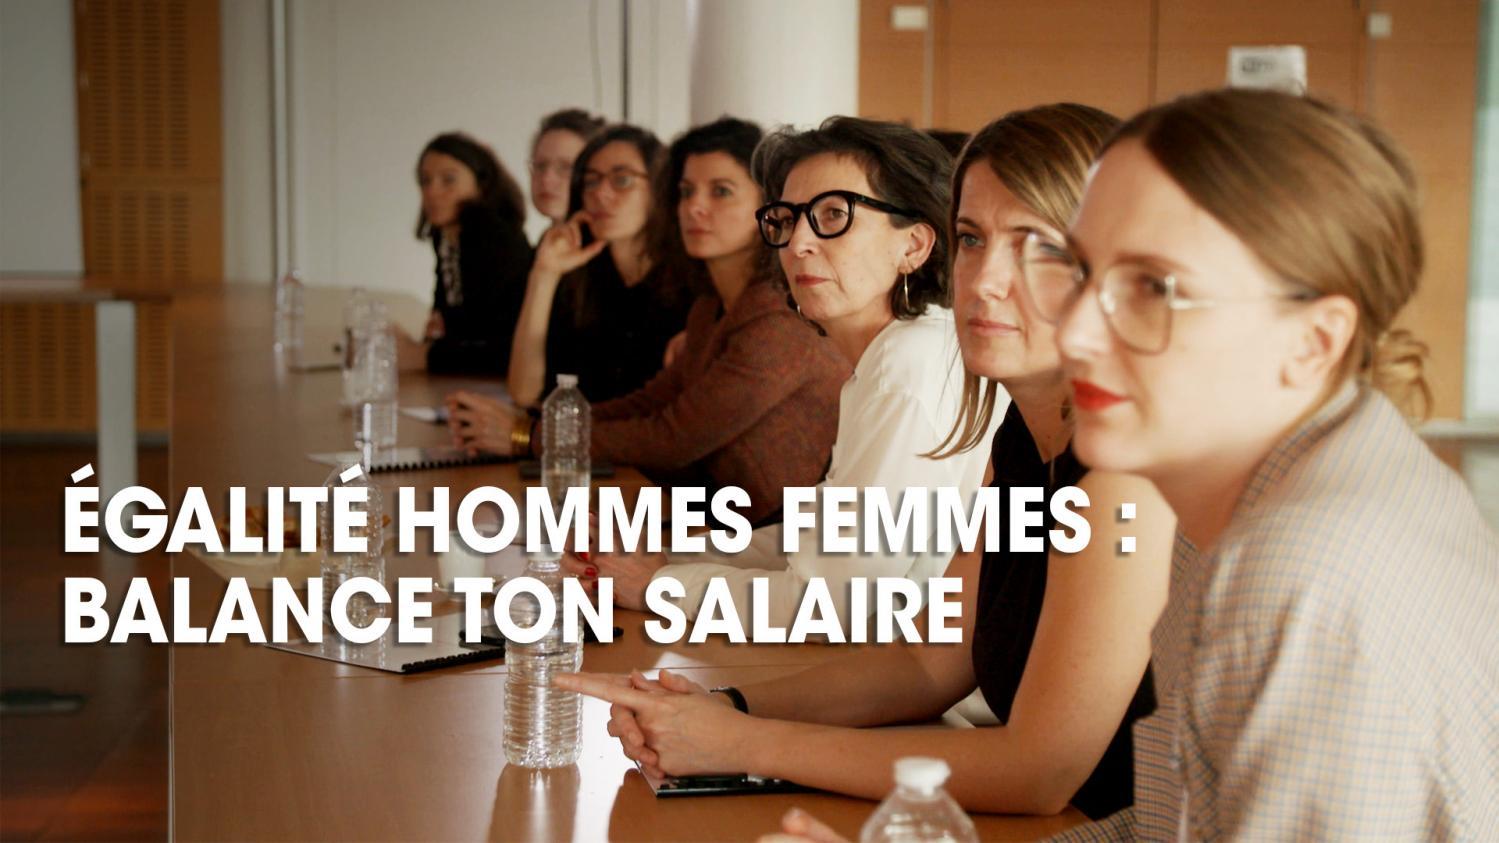 Cash investigation (France 2) Egalité hommes femmes : balance ton salaire